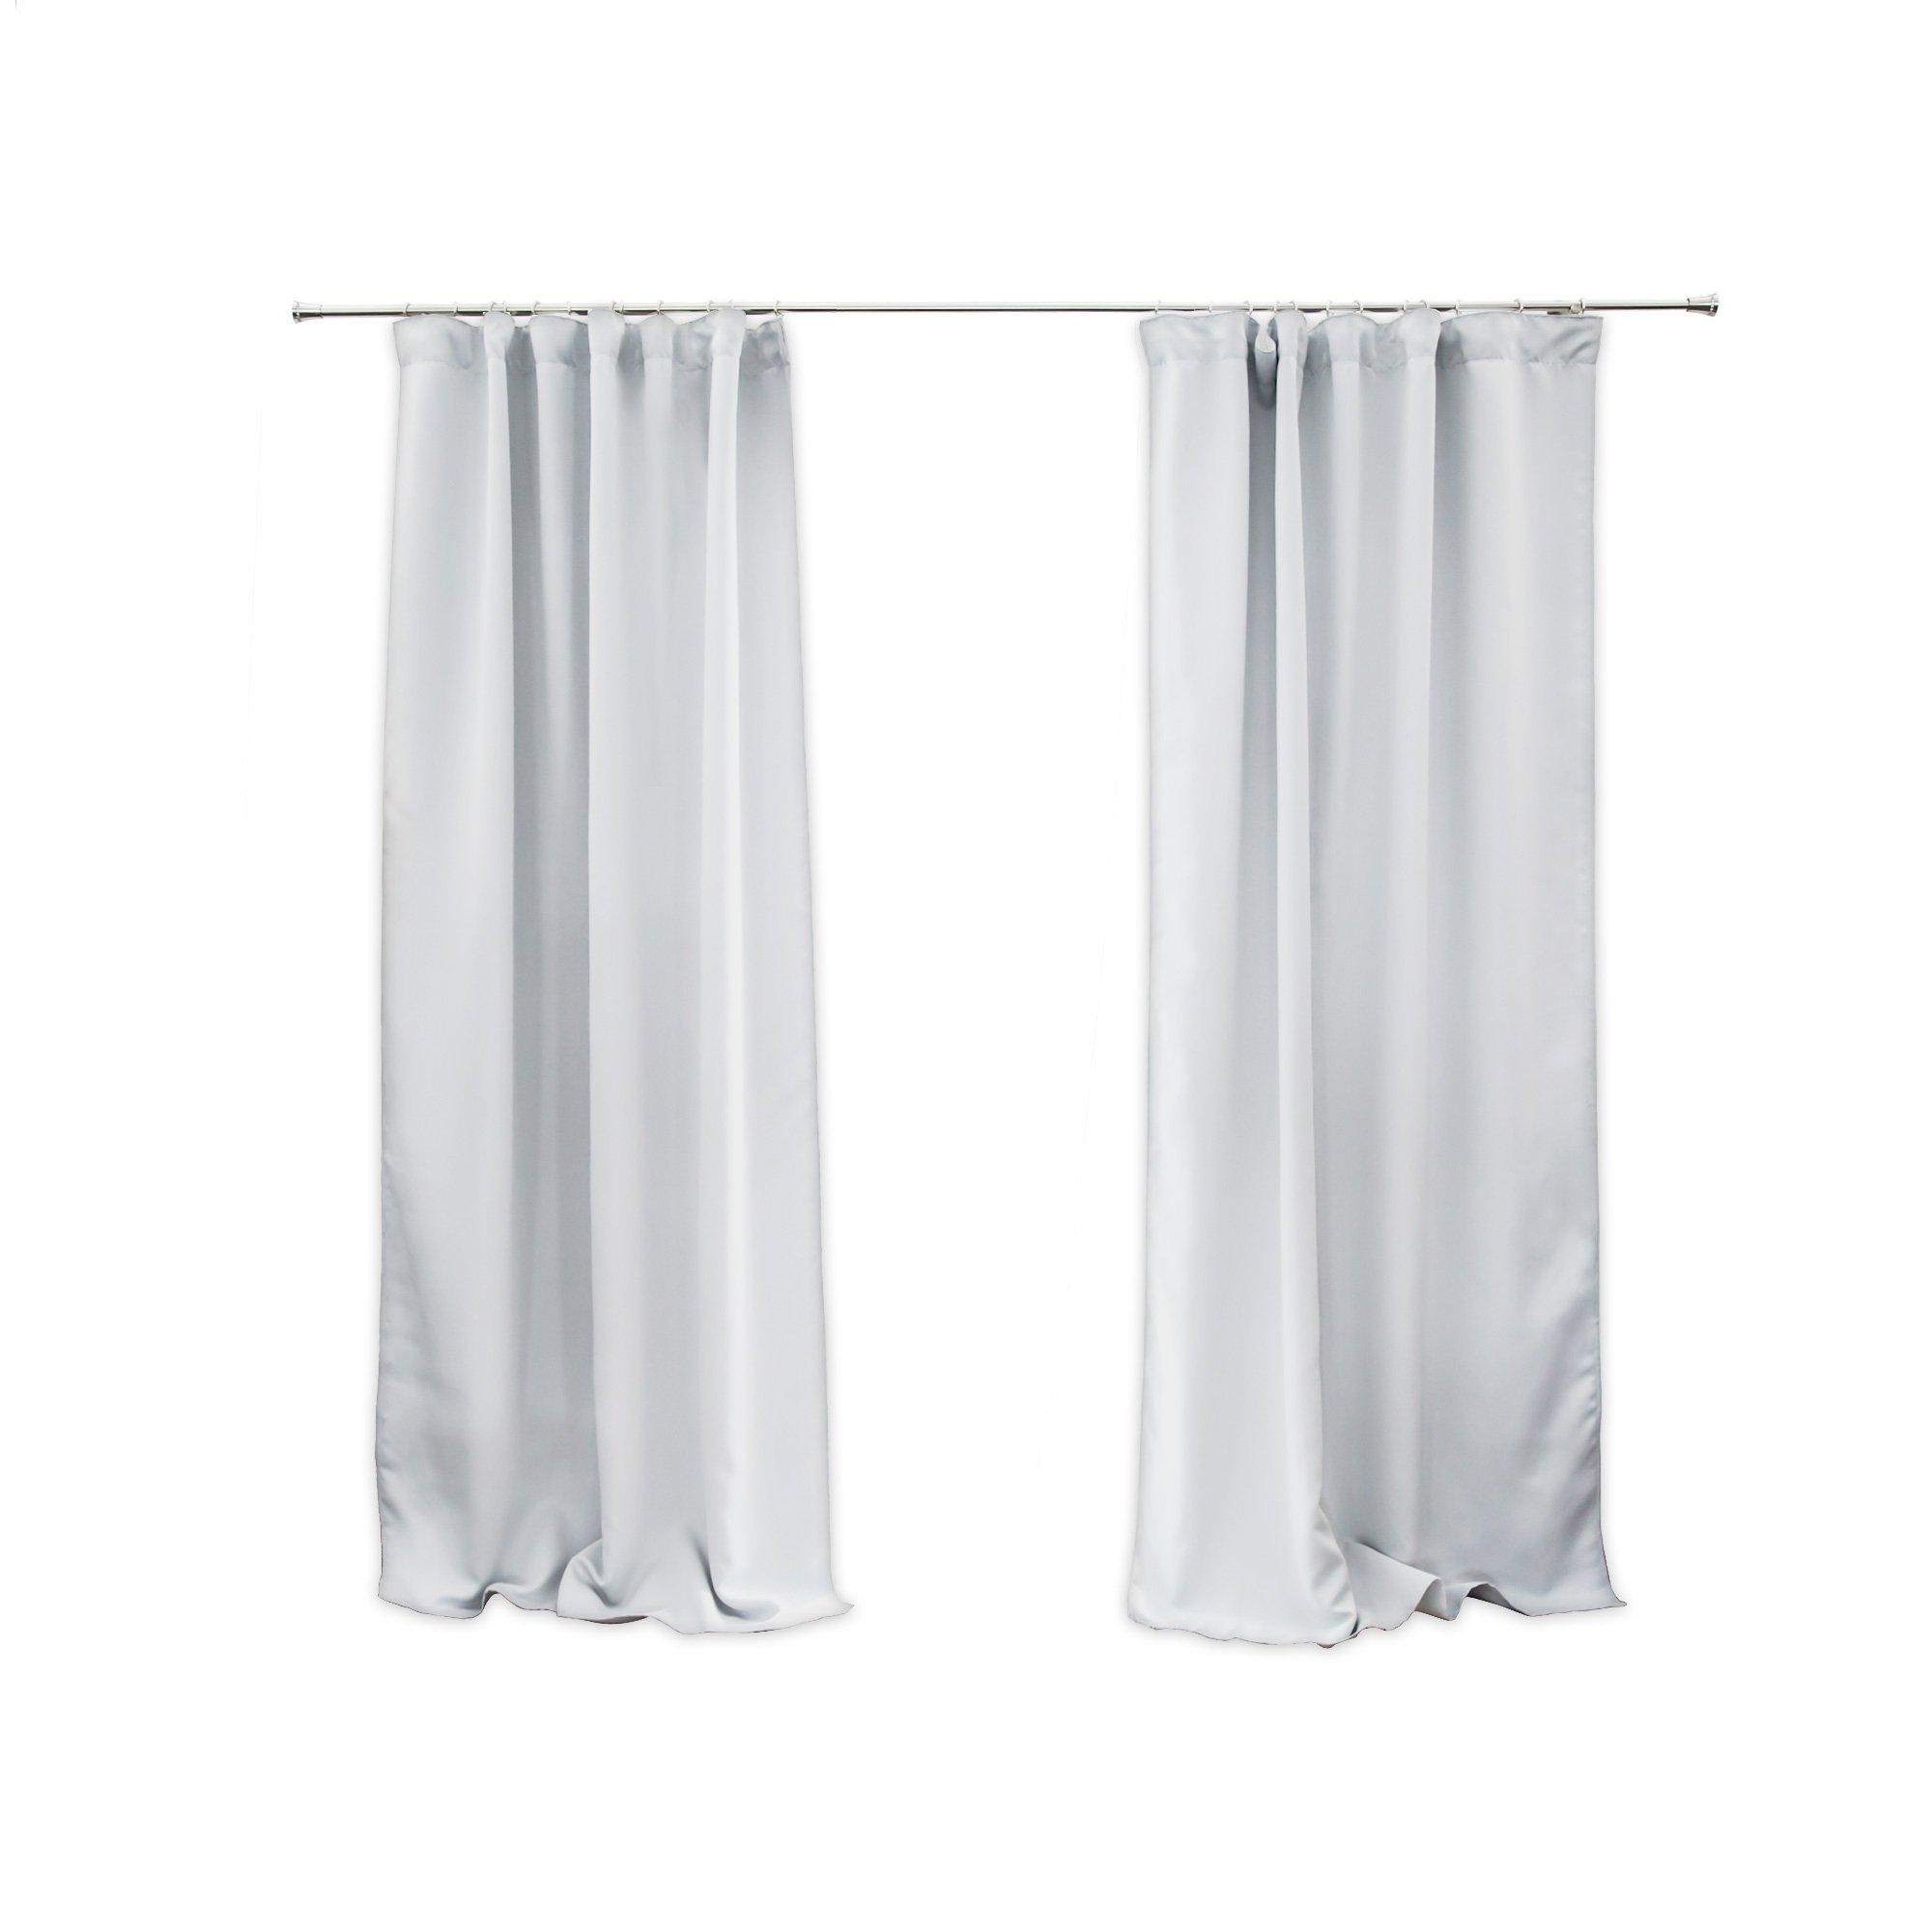 Full Size of Vorhänge Schiene Vorhang Kruselband Vorhnge Mit Kaufen Schlafzimmer Wohnzimmer Küche Wohnzimmer Vorhänge Schiene